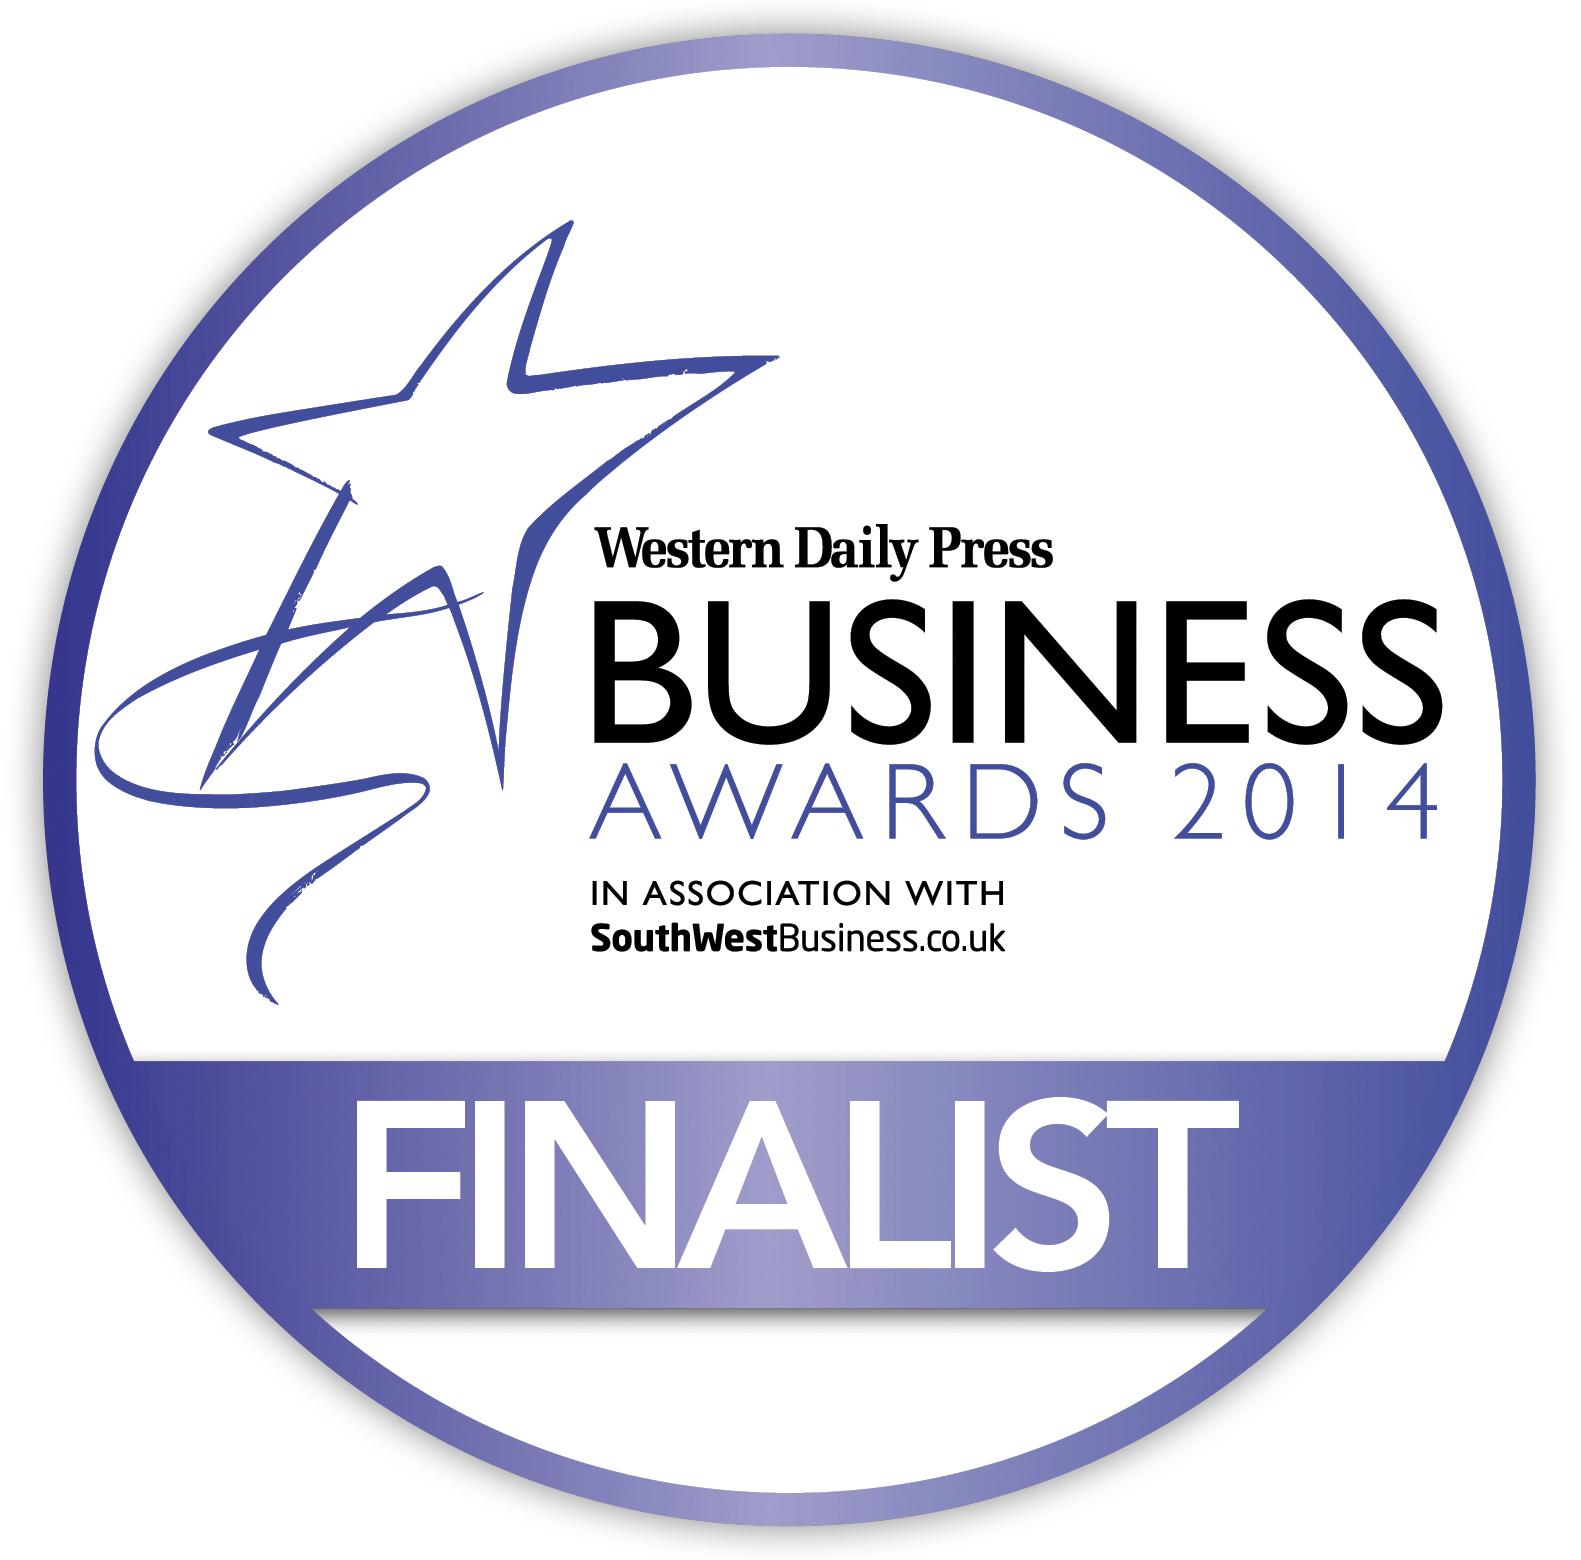 Business awards 2014